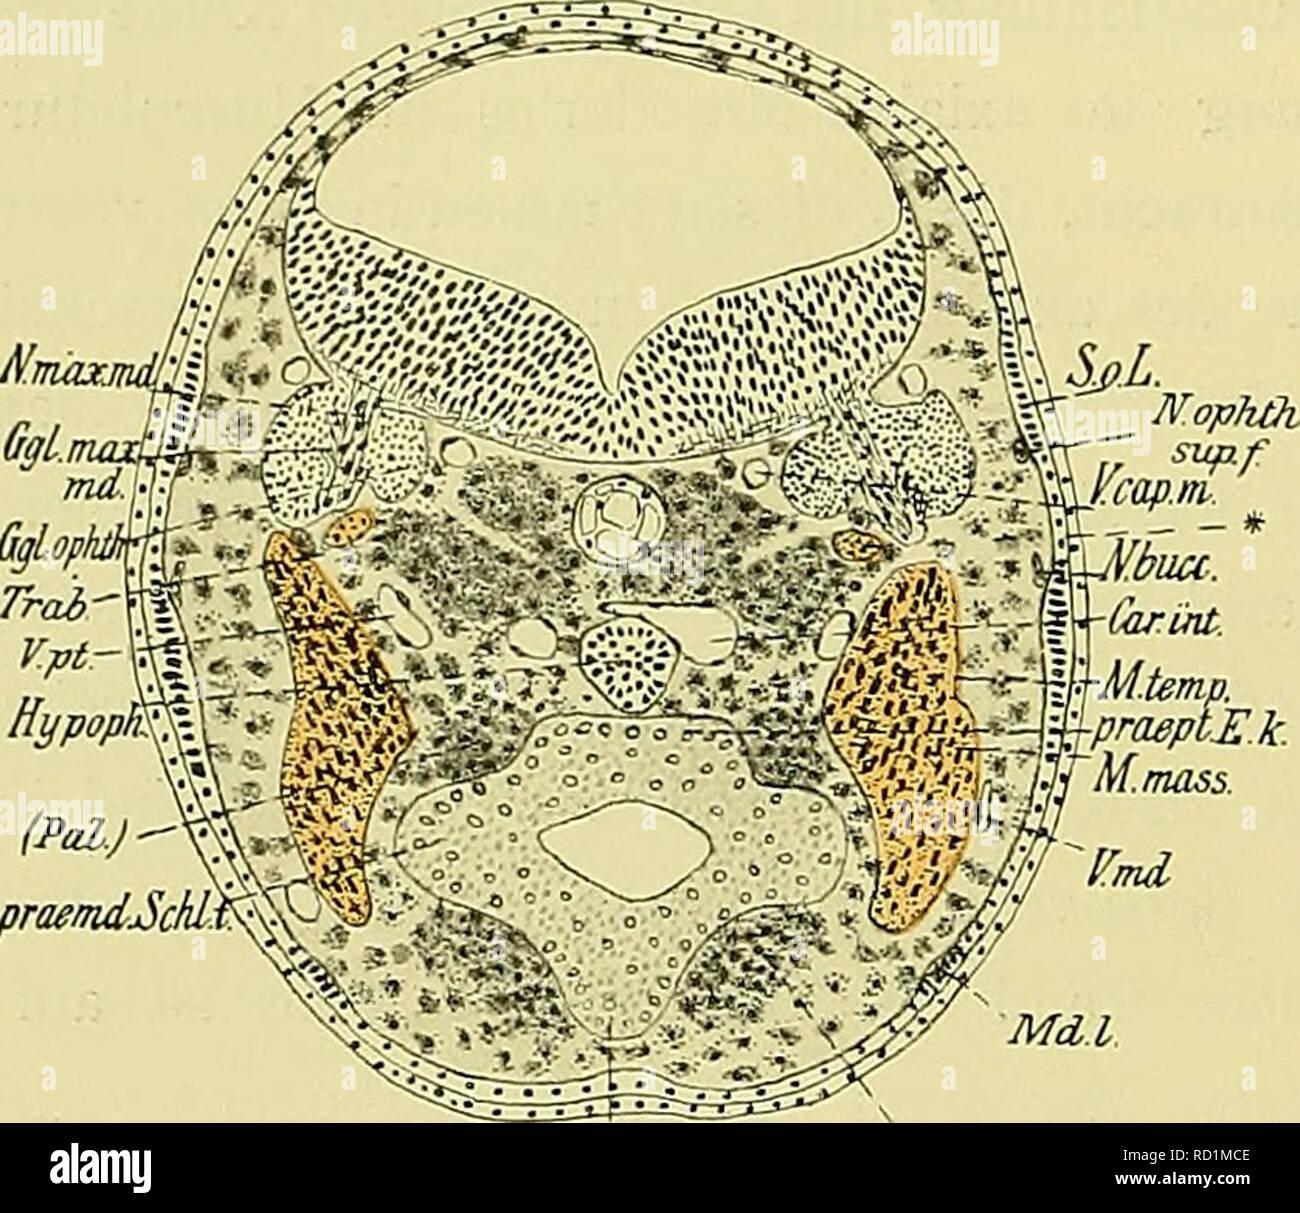 . Denkschriften der Medicinisch-Naturwissenschaftlichen Gesellschaft zu Jena. io68 Entwicklungsgeschichte des Kopfes und des Blutgefässsystems von Ceratodus forsten. 408 die bekannten Ansammlungen freier Mesodermzellen, welche in immer dichter werdendem Gefüge das Vor- knorpelgewebe der MECKEL'schen Knorpel bezw. der ganz rudimentären Pterygoidknorpel bilden. Dorsal von der zwischen den präpterygoiden Entodermleisten abgeplatteten dorsalen Darmwand erreicht der Schnitt gerade noch die birnförmige, abgeplattete Hypophyse und zwischen dieser und der Chorda dorsalis die Carotidenanastomose. Die p - Stock Image